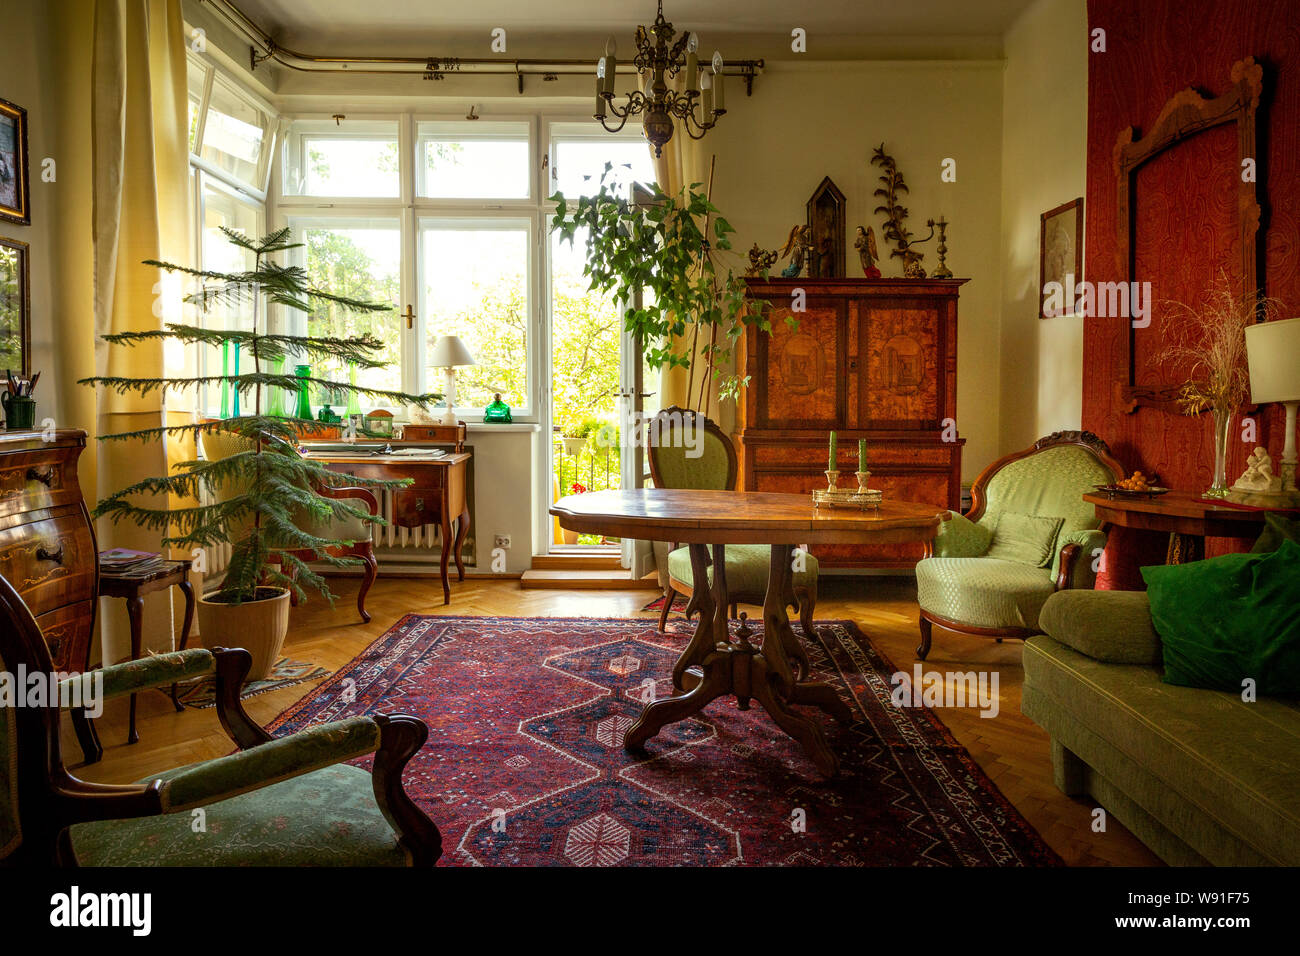 Biedermeier Day Room Stockfotos und -bilder Kaufen - Alamy